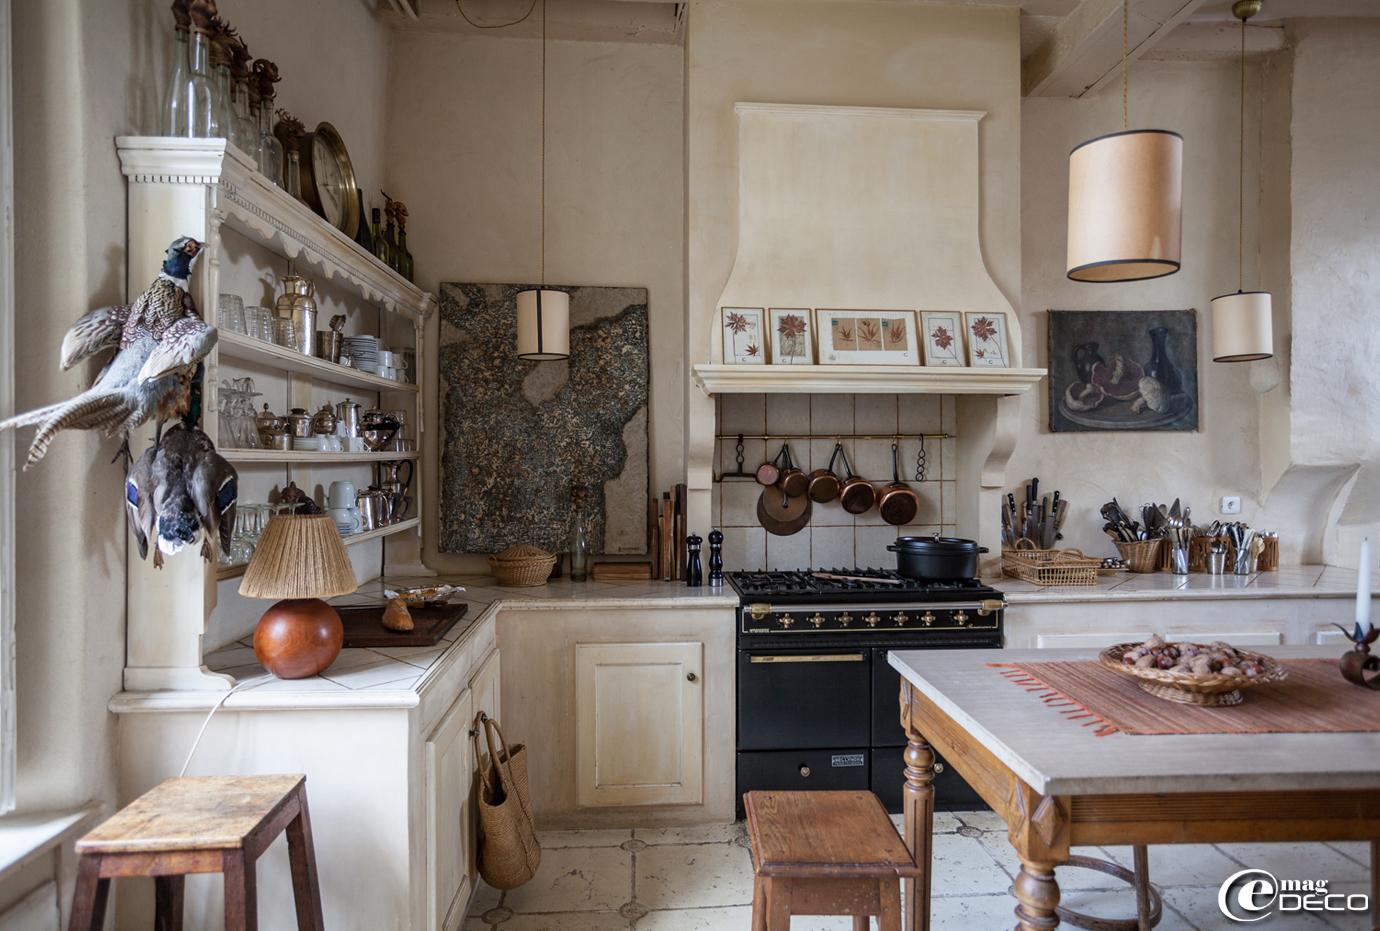 Dans la cuisine, tabourets en bois et collection de casseroles en cuivre, l'ensemble chiné à l'Isle-sur-la-Sorgue. Cuisinière 'Ambassador'